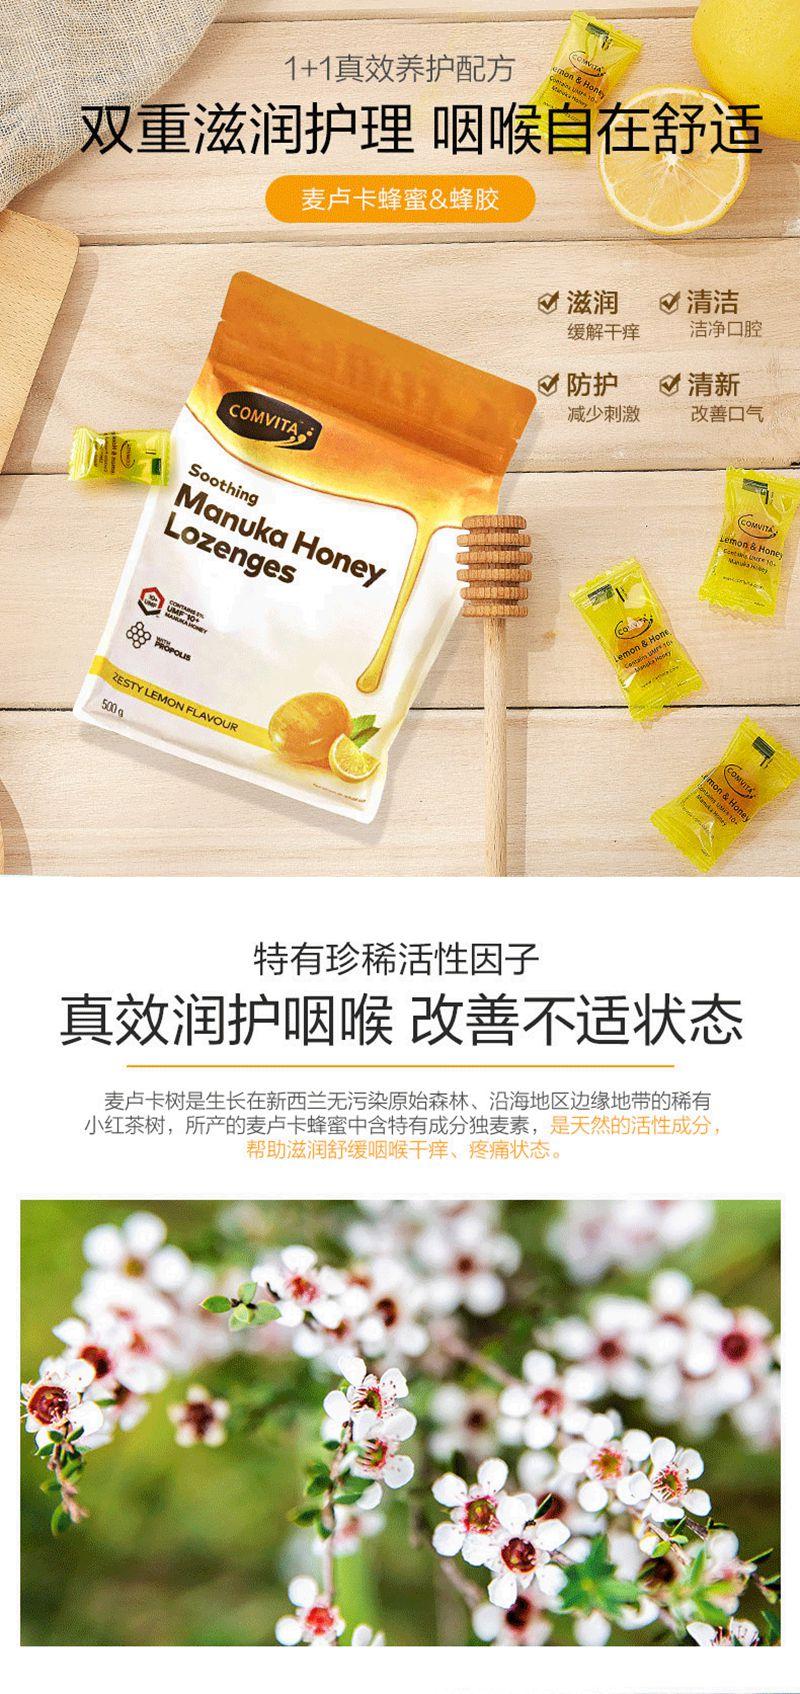 康维他蜂胶润喉糖500g麦卢卡10+柠檬味蜂蜜糖果 功效